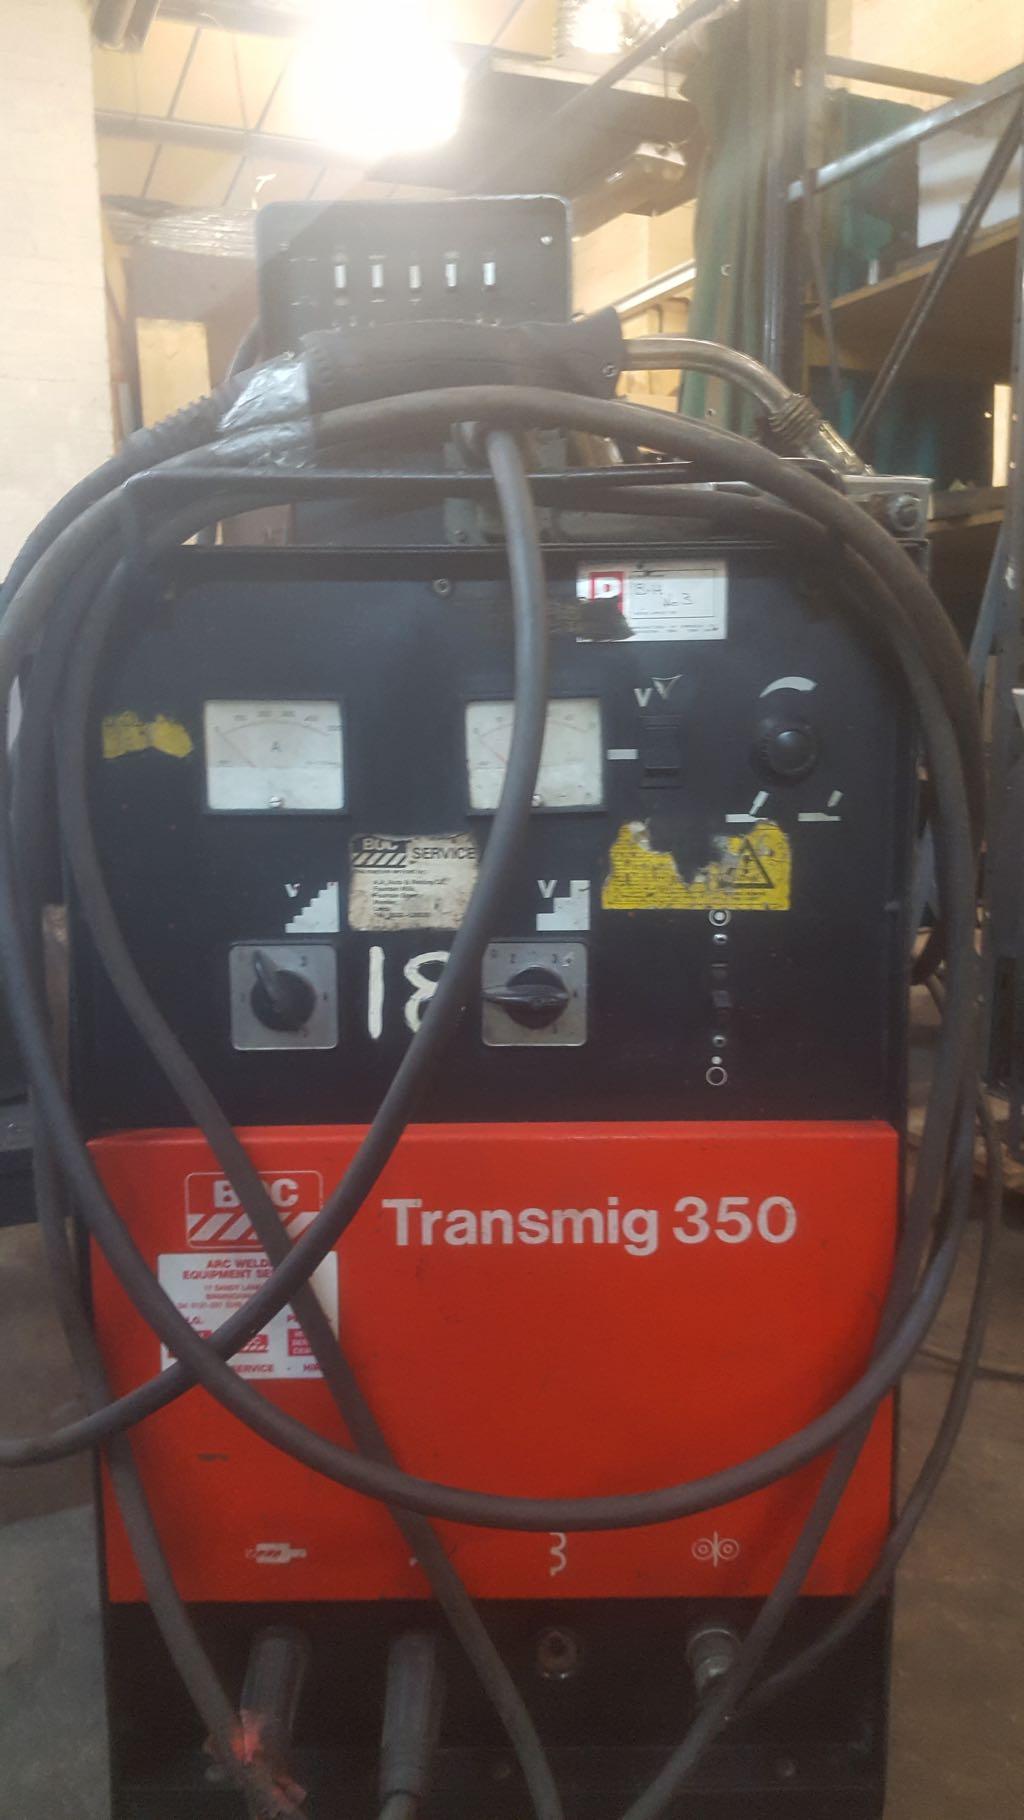 Boc Transmig 350 Mig Welder With Boc Tf2 0s Wire Feed Unit